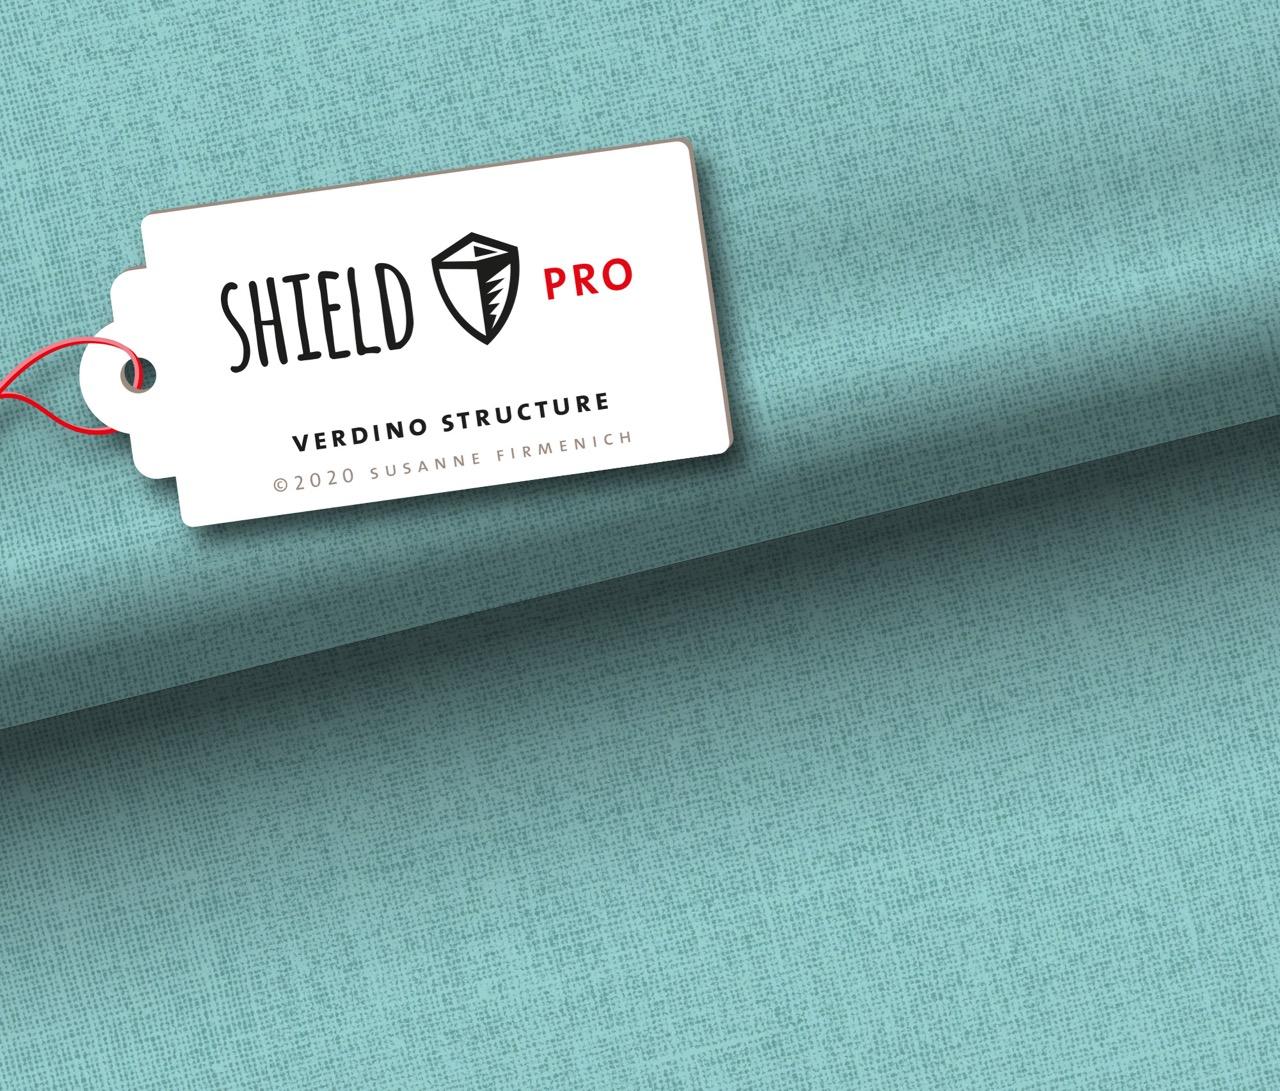 Shield Pro - Uni Structure in verdino von Hamburger Liebe & Albstoffe - antimikrobiell